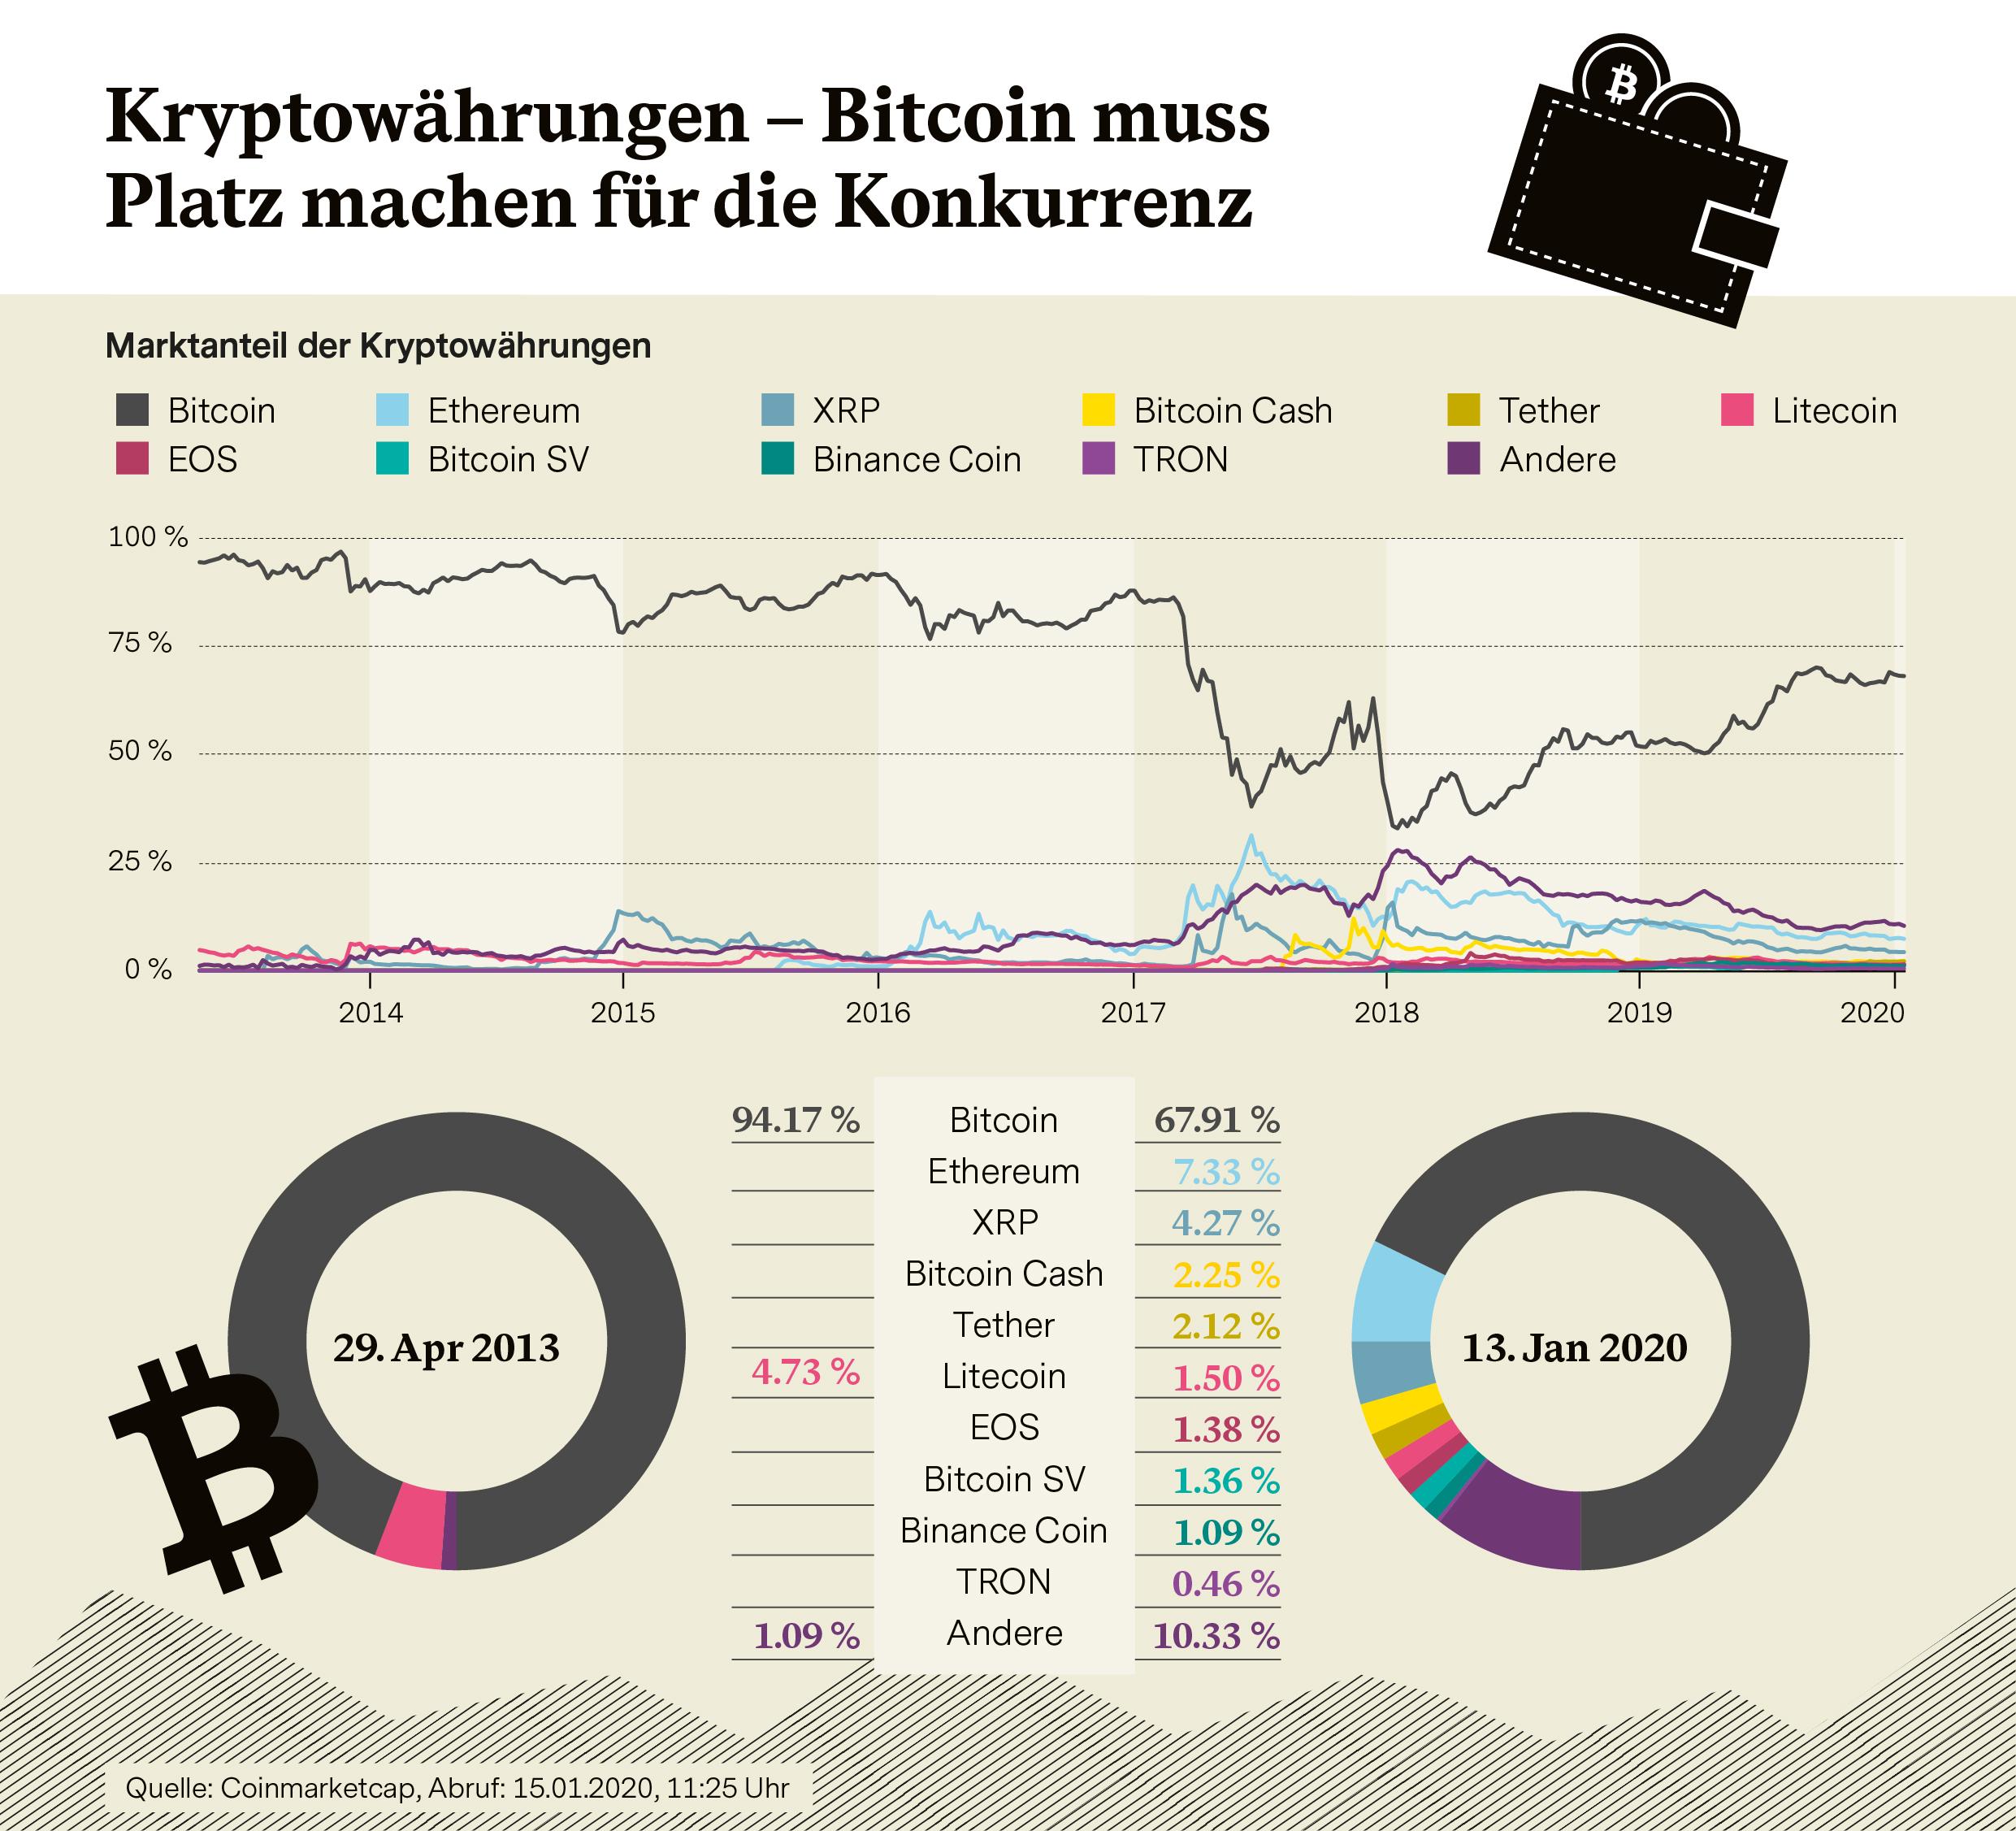 online systeme zur geldgewinnung wahrnehmung von krypto-investitionen